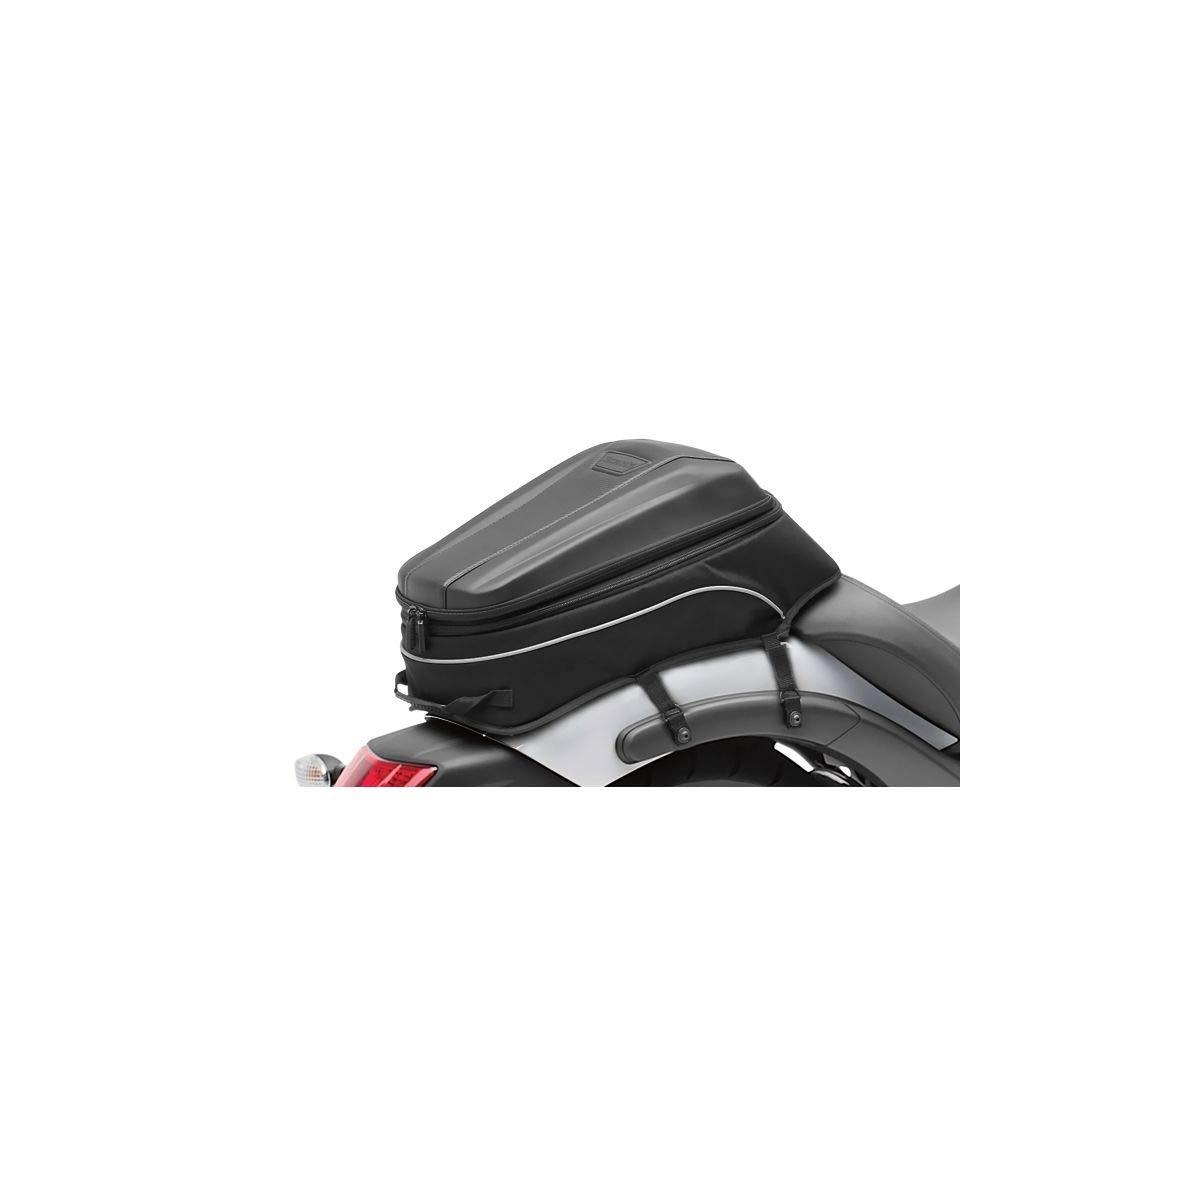 Genuine Kawasaki Accessories 15-19 Kawasaki EN650SA Expandable Soft Top Case